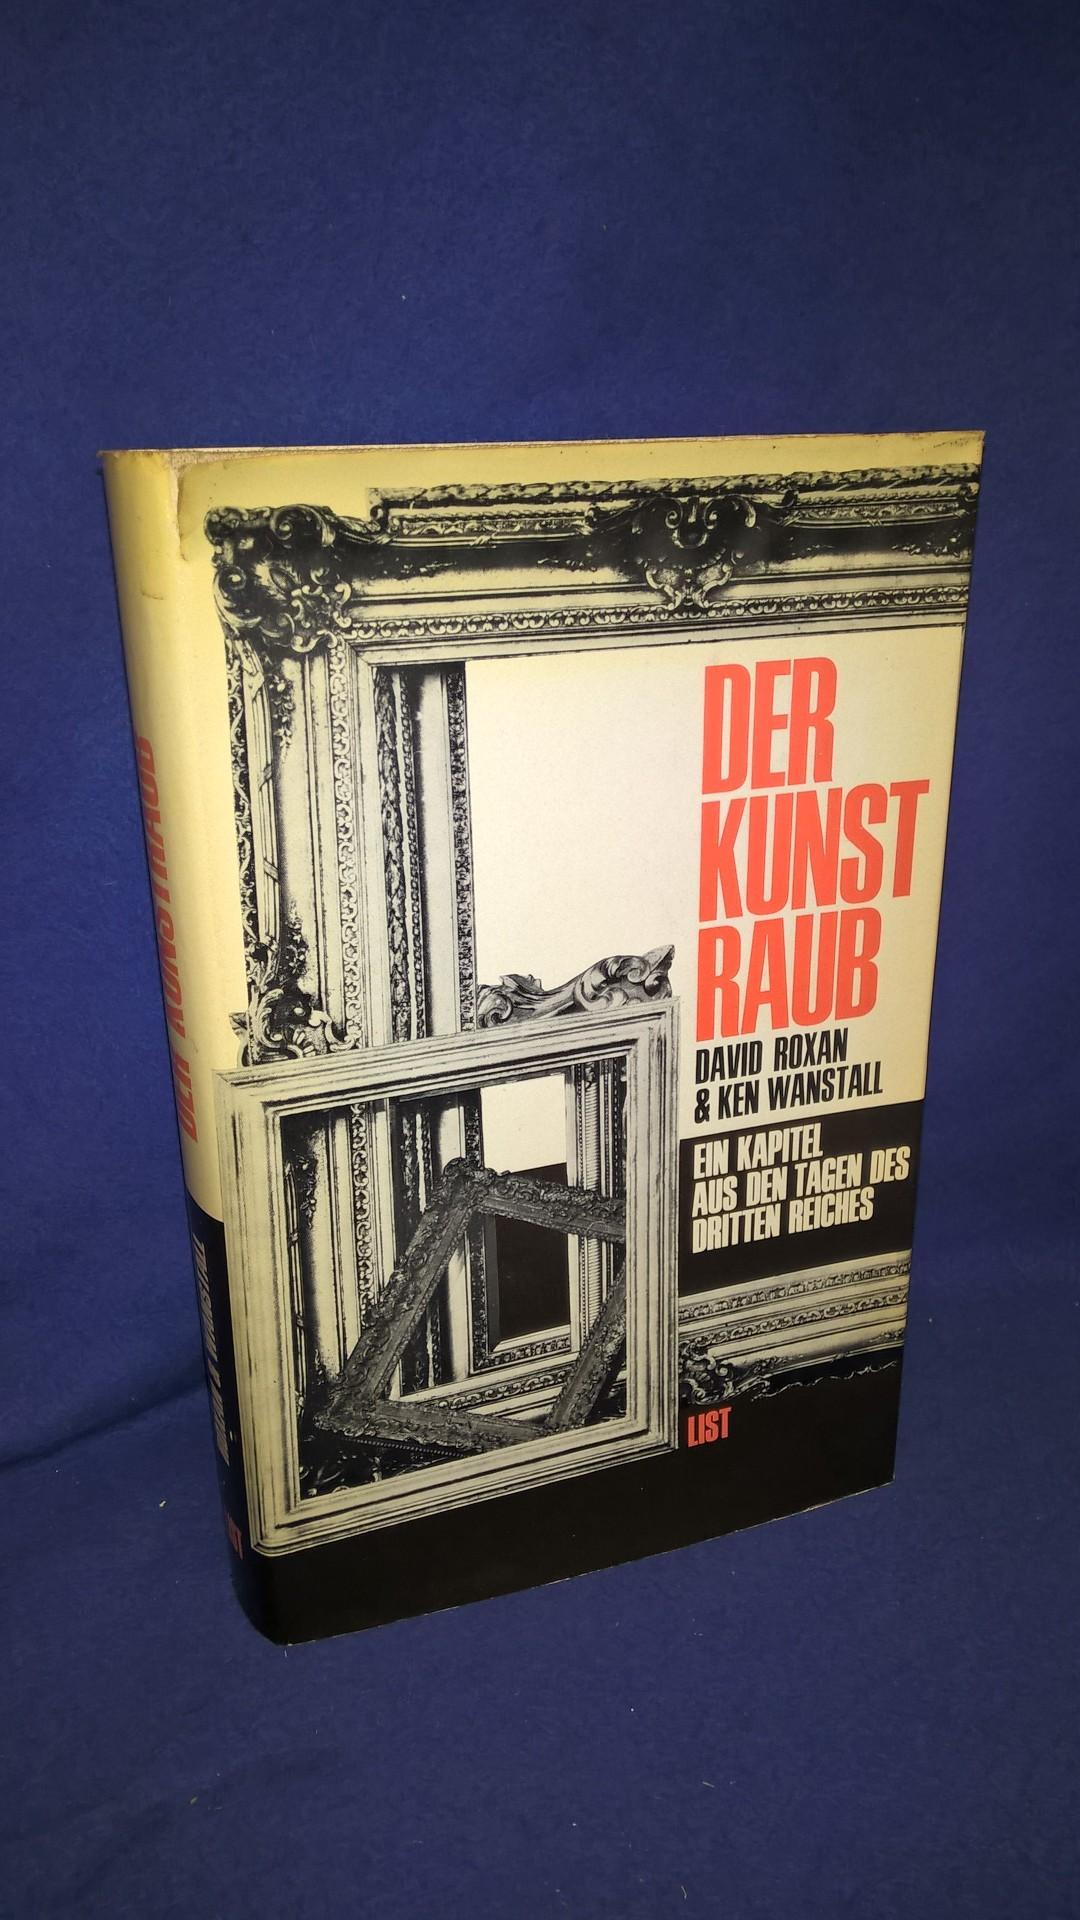 Der Kunstraub - Ein Kapitel aus den Tagen des Dritten Reiches